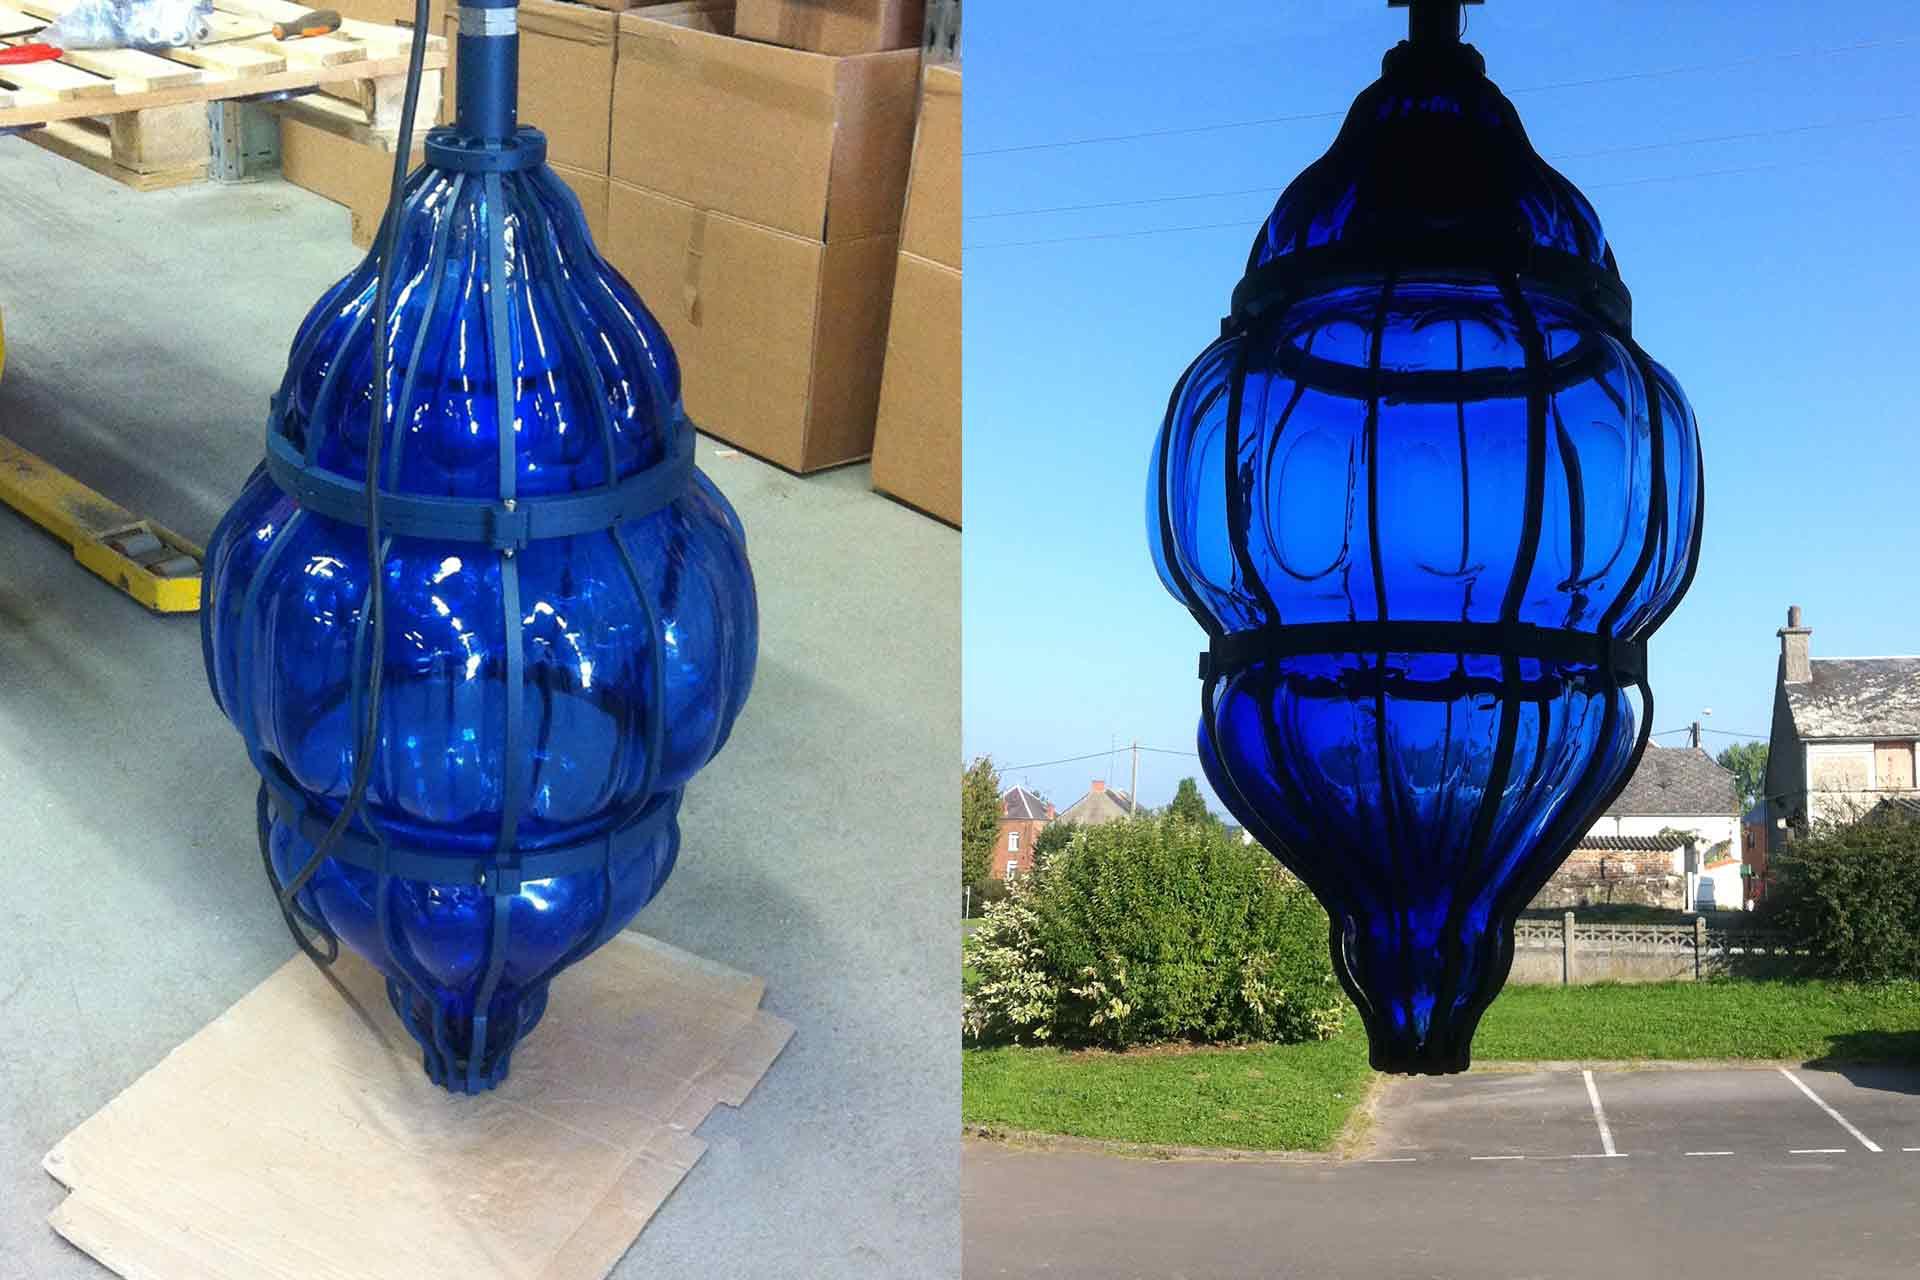 Verrier artisan fabricant des Lanternes en verre bleu nuit de la ville de Valenciennes réalisation par Olivier Juteau Maître Verrier